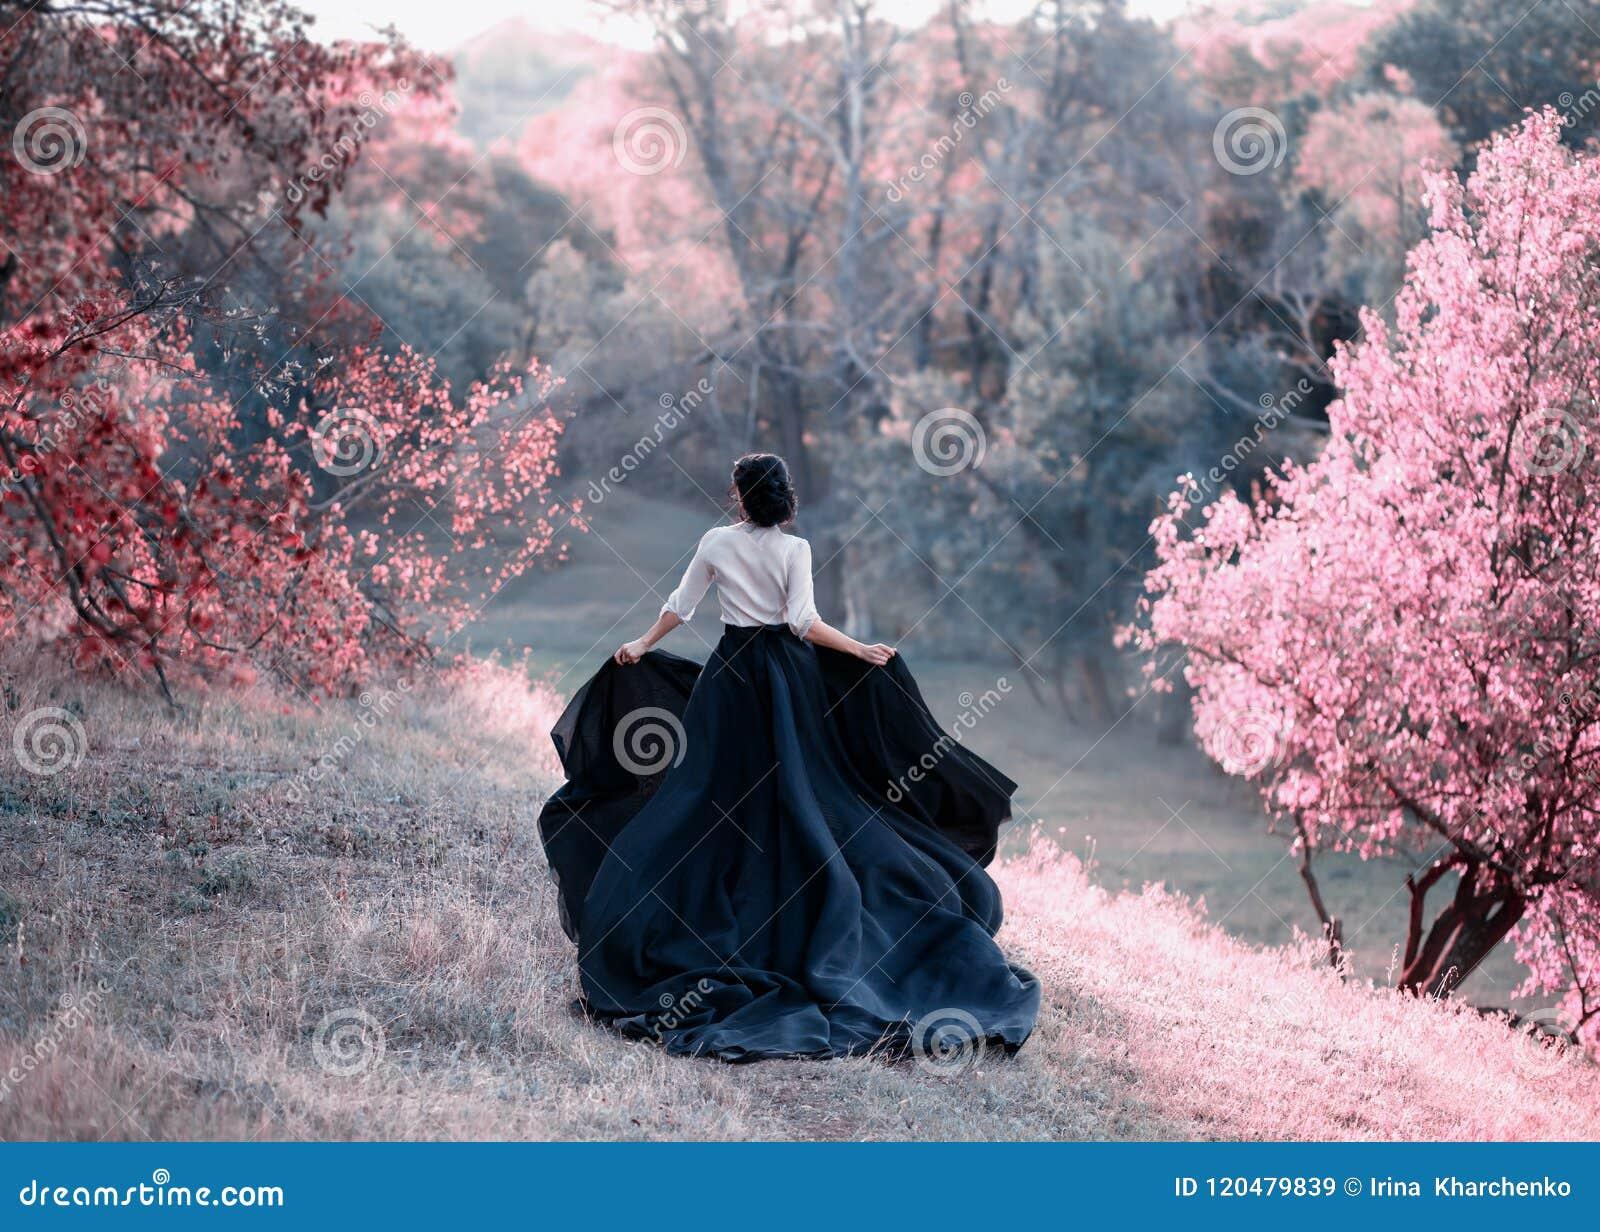 Princess w rocznik sukni ucieczkach Spacer przez malowniczych jesieni wzgórzy przy zmierzchem w różowych brzmieniach Długi pociąg